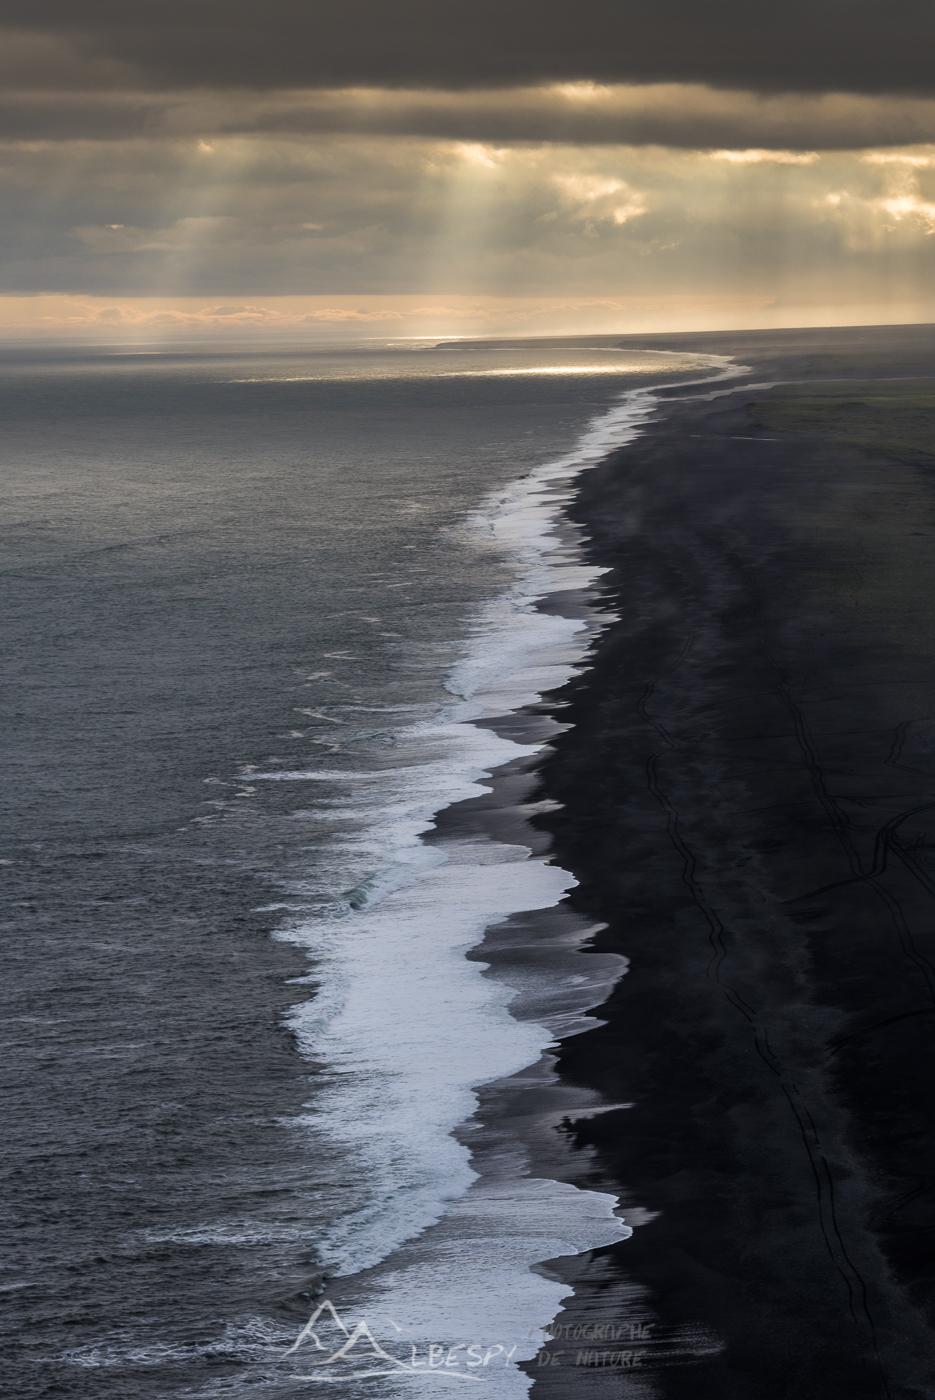 Plage de sable noir (Reynisfjara) n°0810